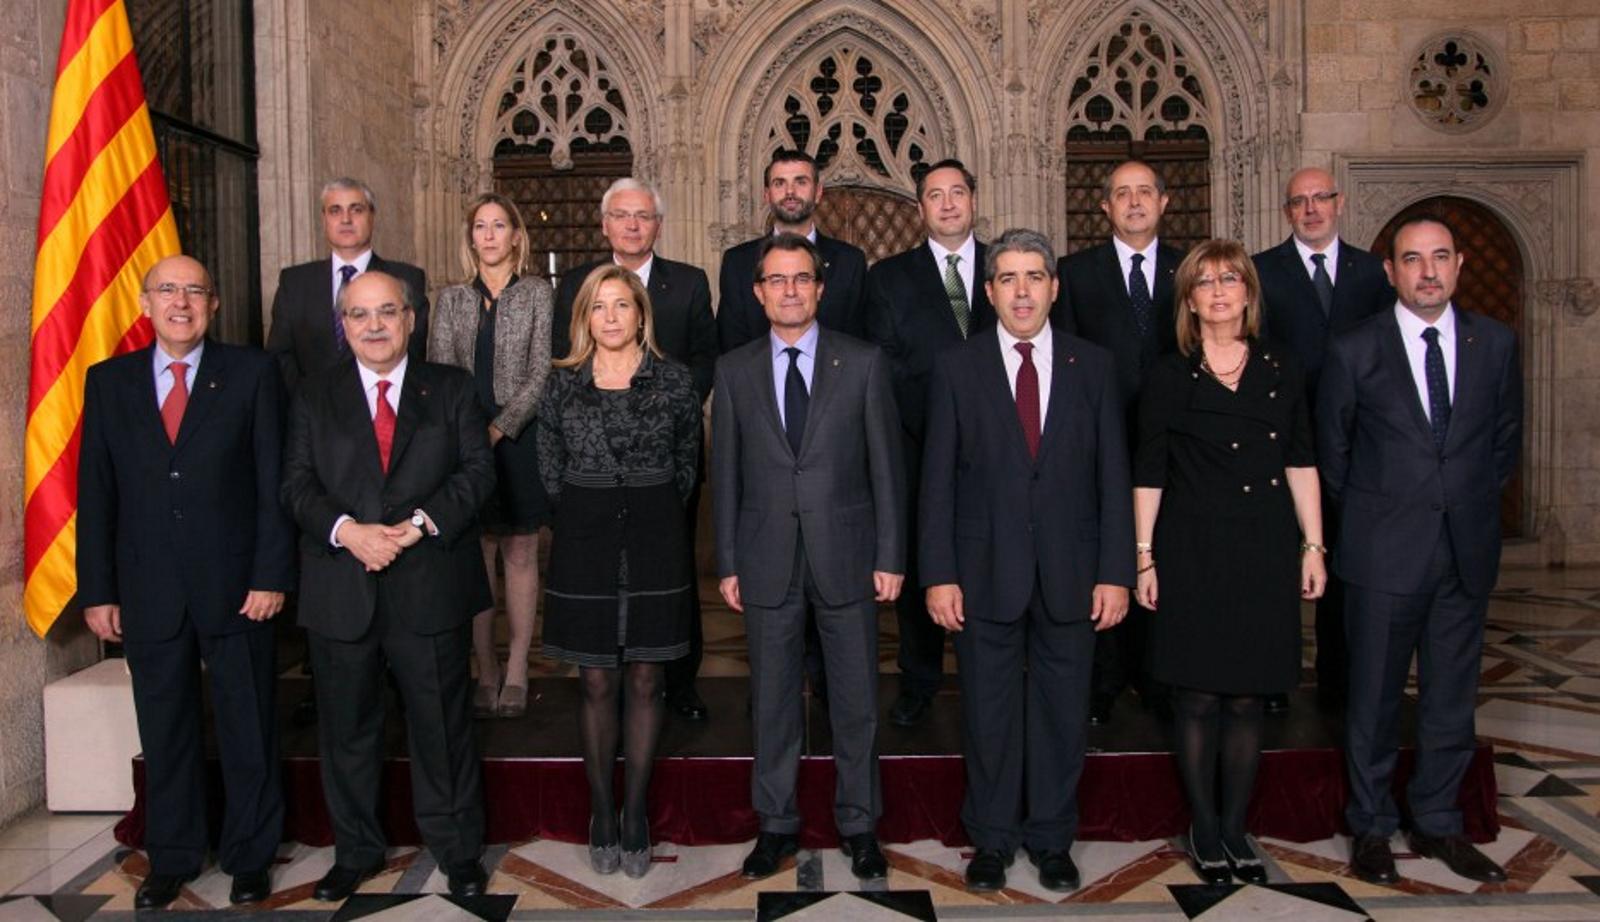 Artur Mas pisotea la sentencia del TC y sigue impunemente con la campaña del referéndum del 9-N